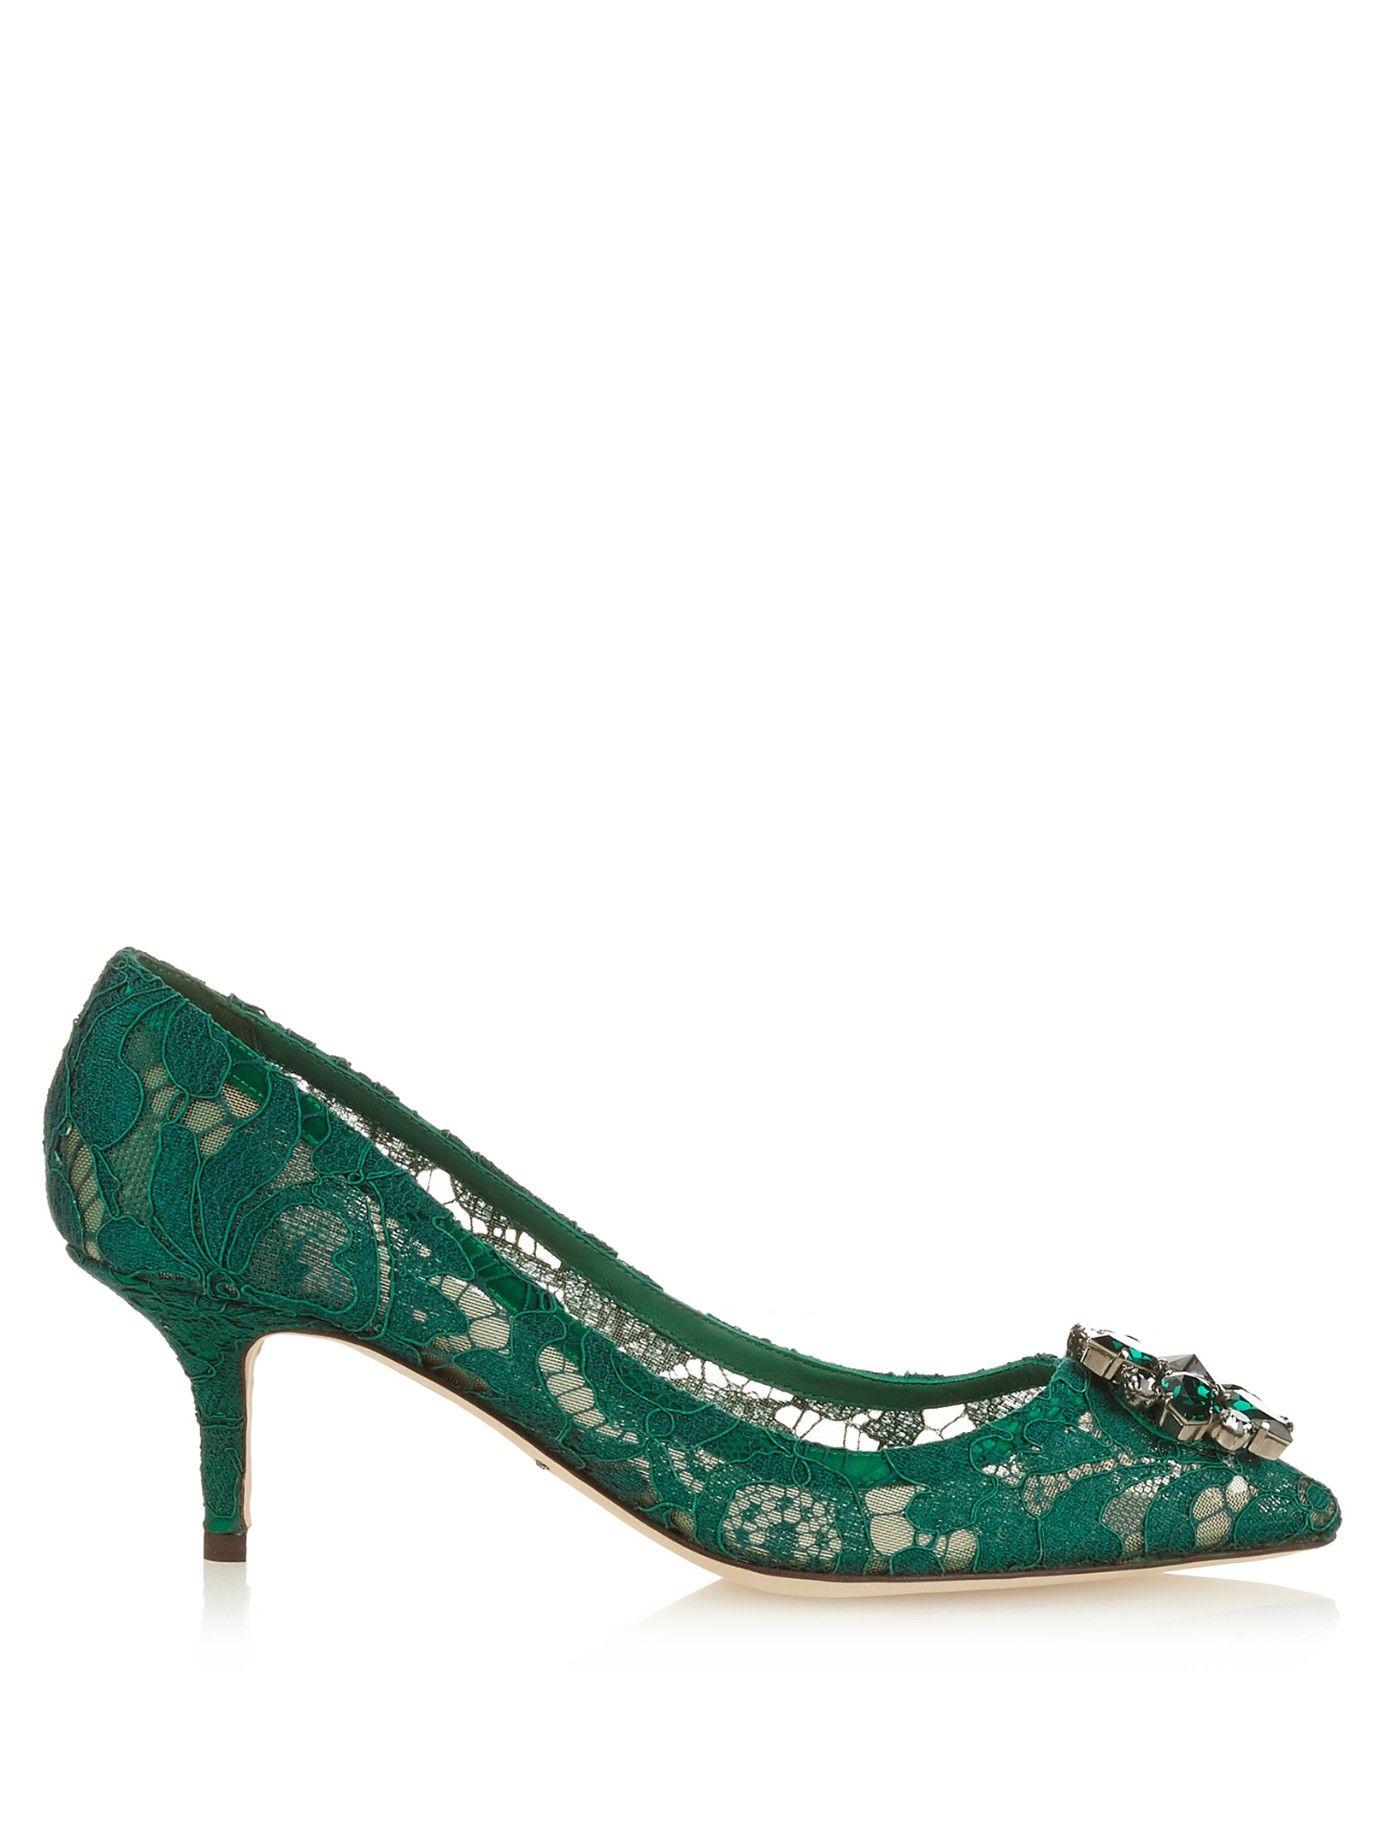 Crystal-Embellished Lace PumpsDolce & Gabbana pzYGaWOX